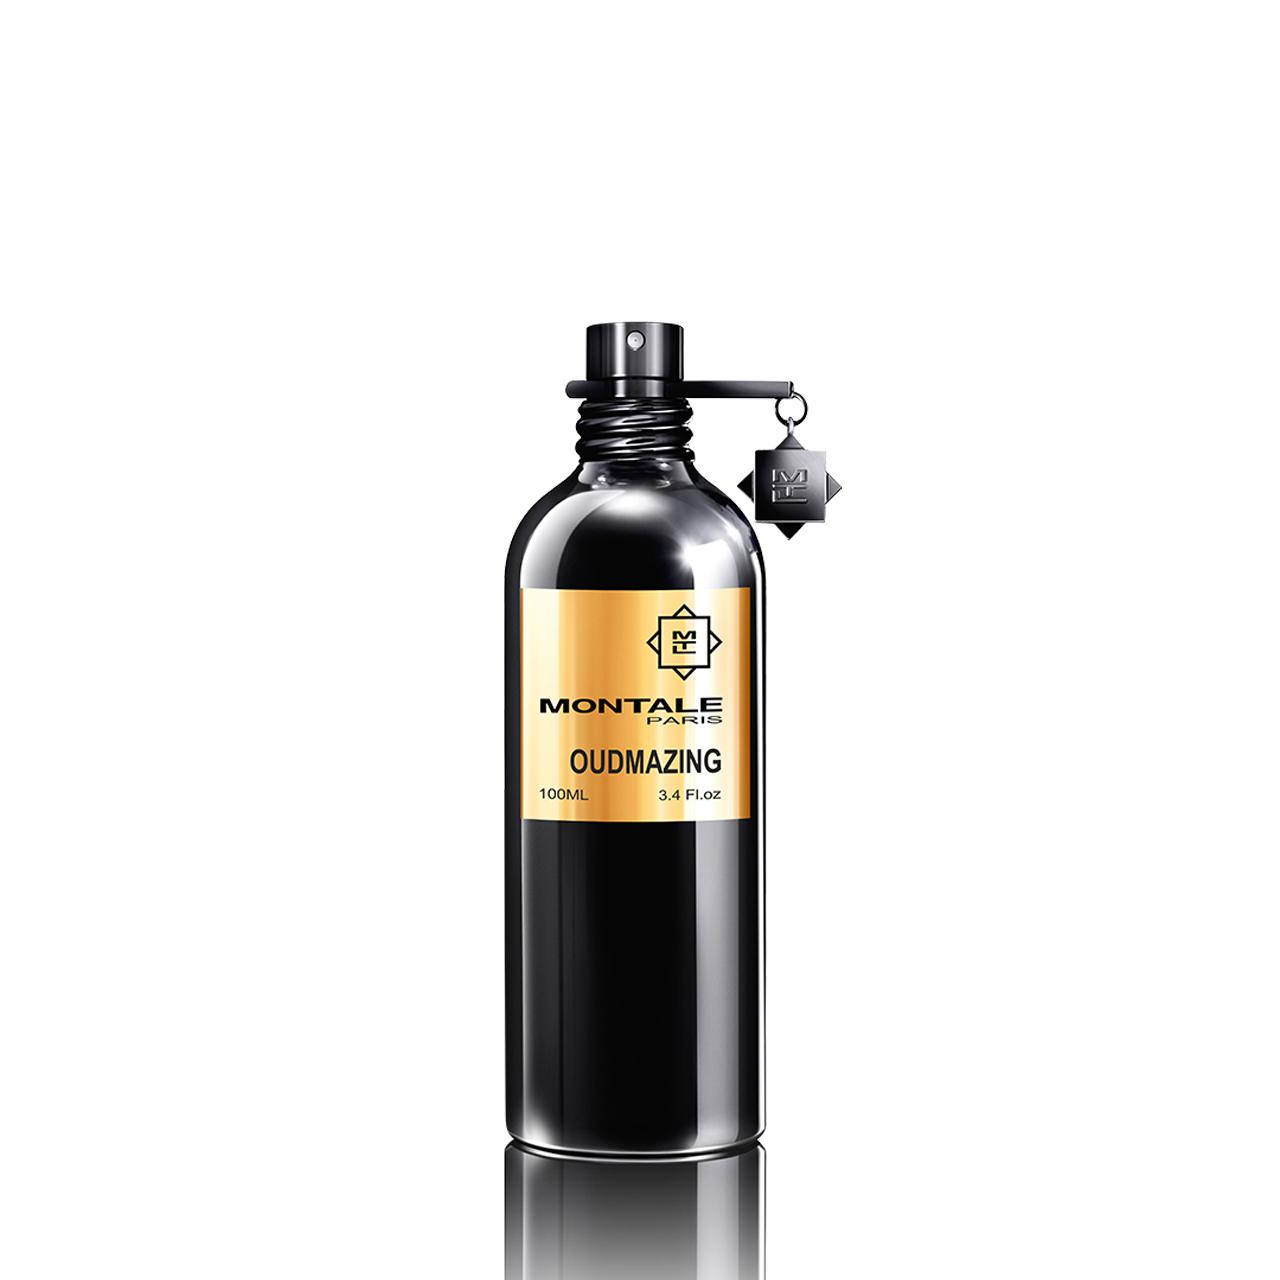 Oudmazing - Eau de Parfum